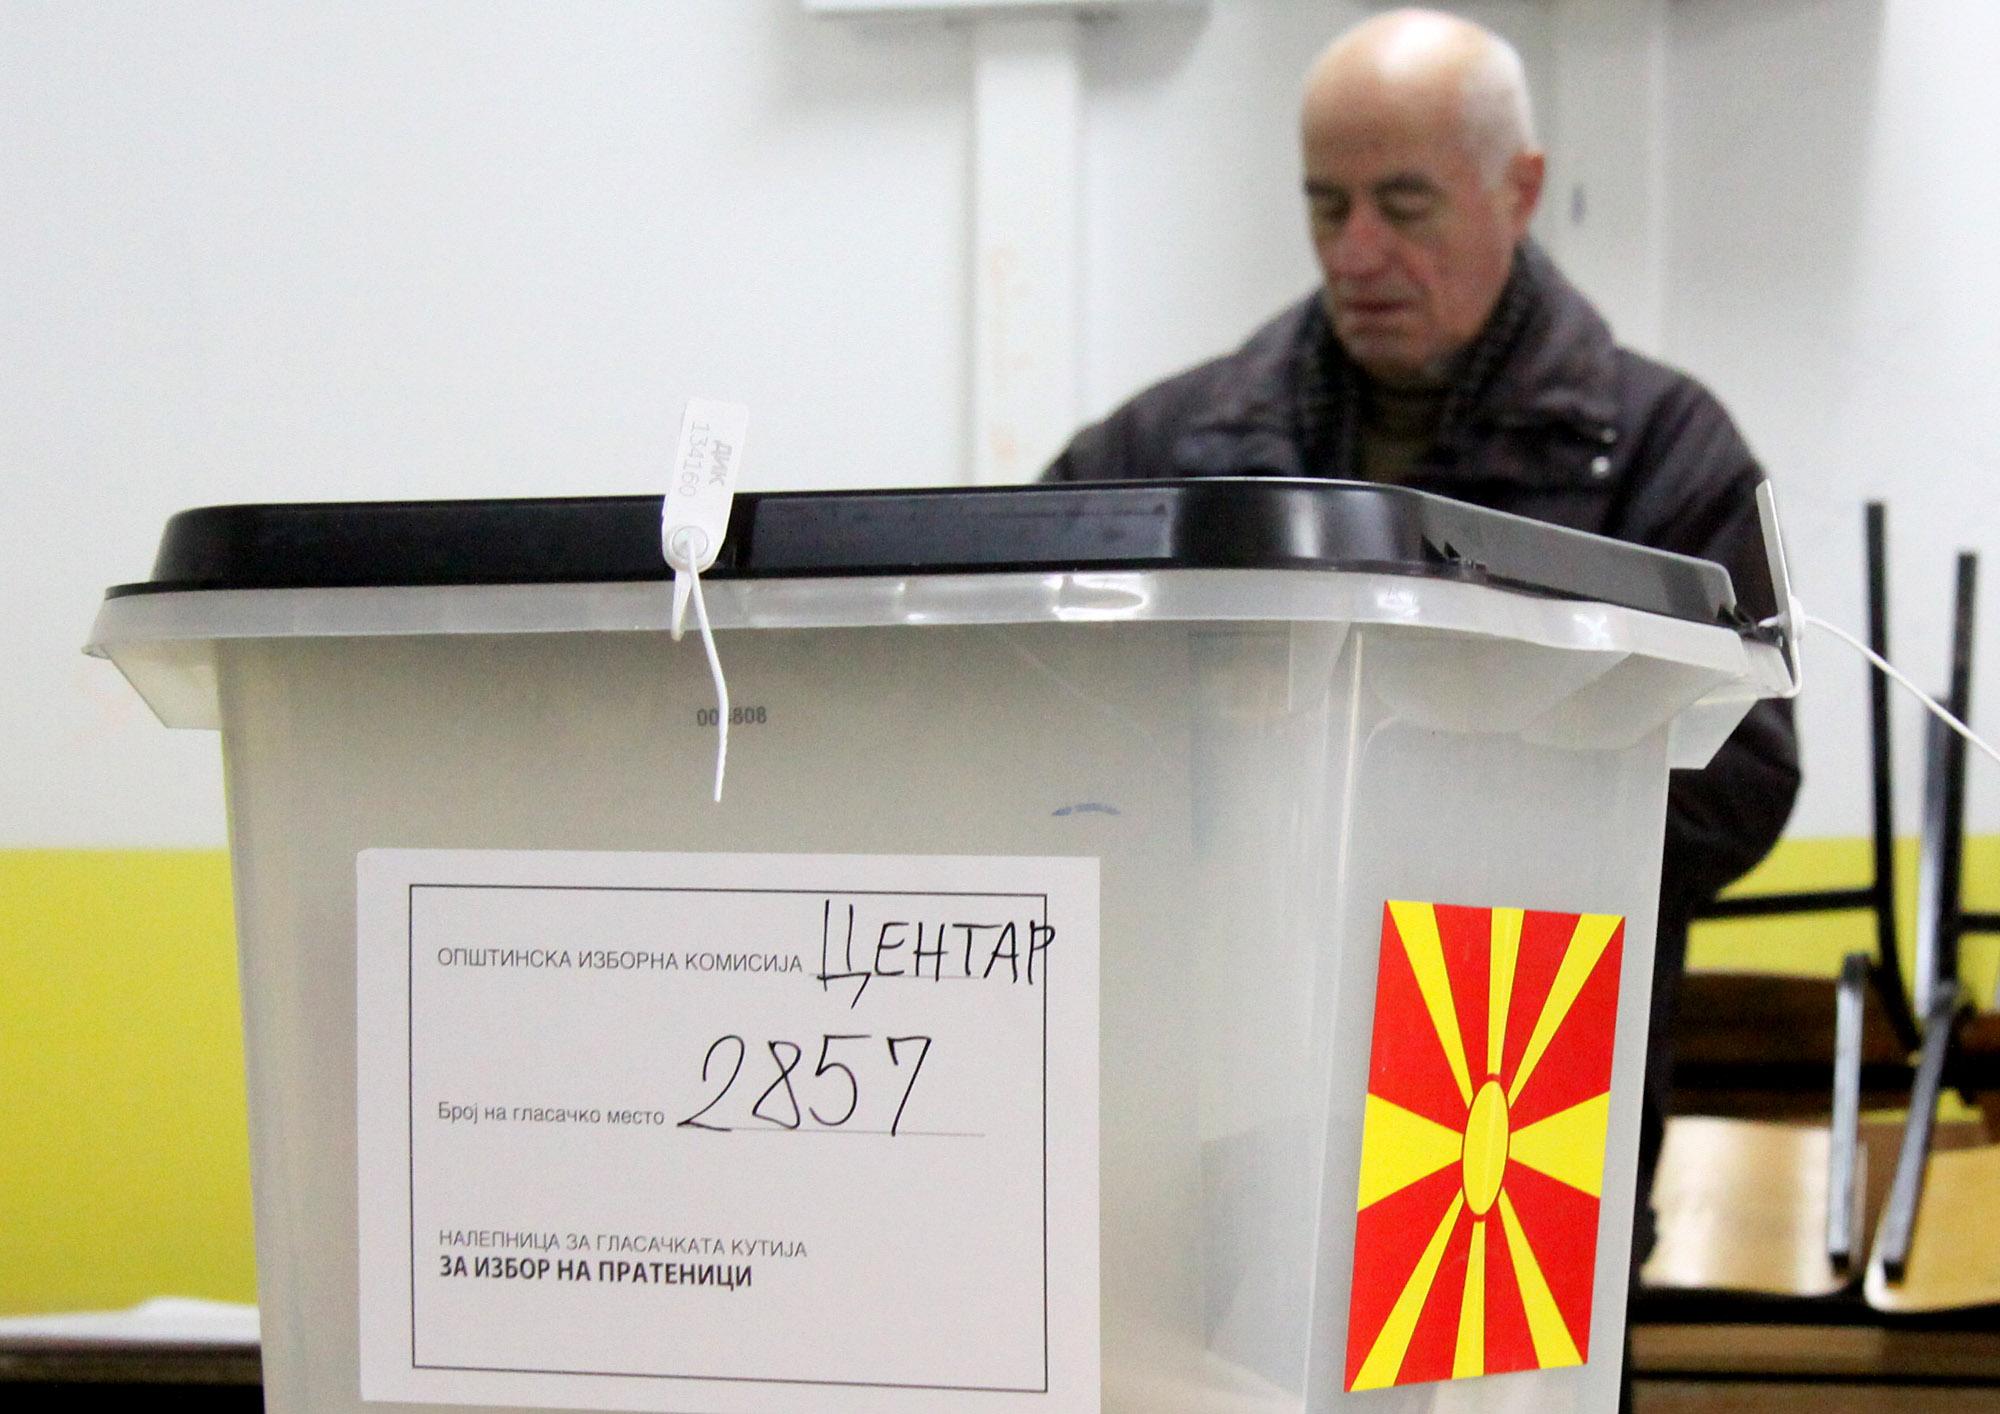 Фотографирање на ливчиња имало во Ѓорче Петров, Аеродром и дури на три гласачки места во Центар | Фото: МИА